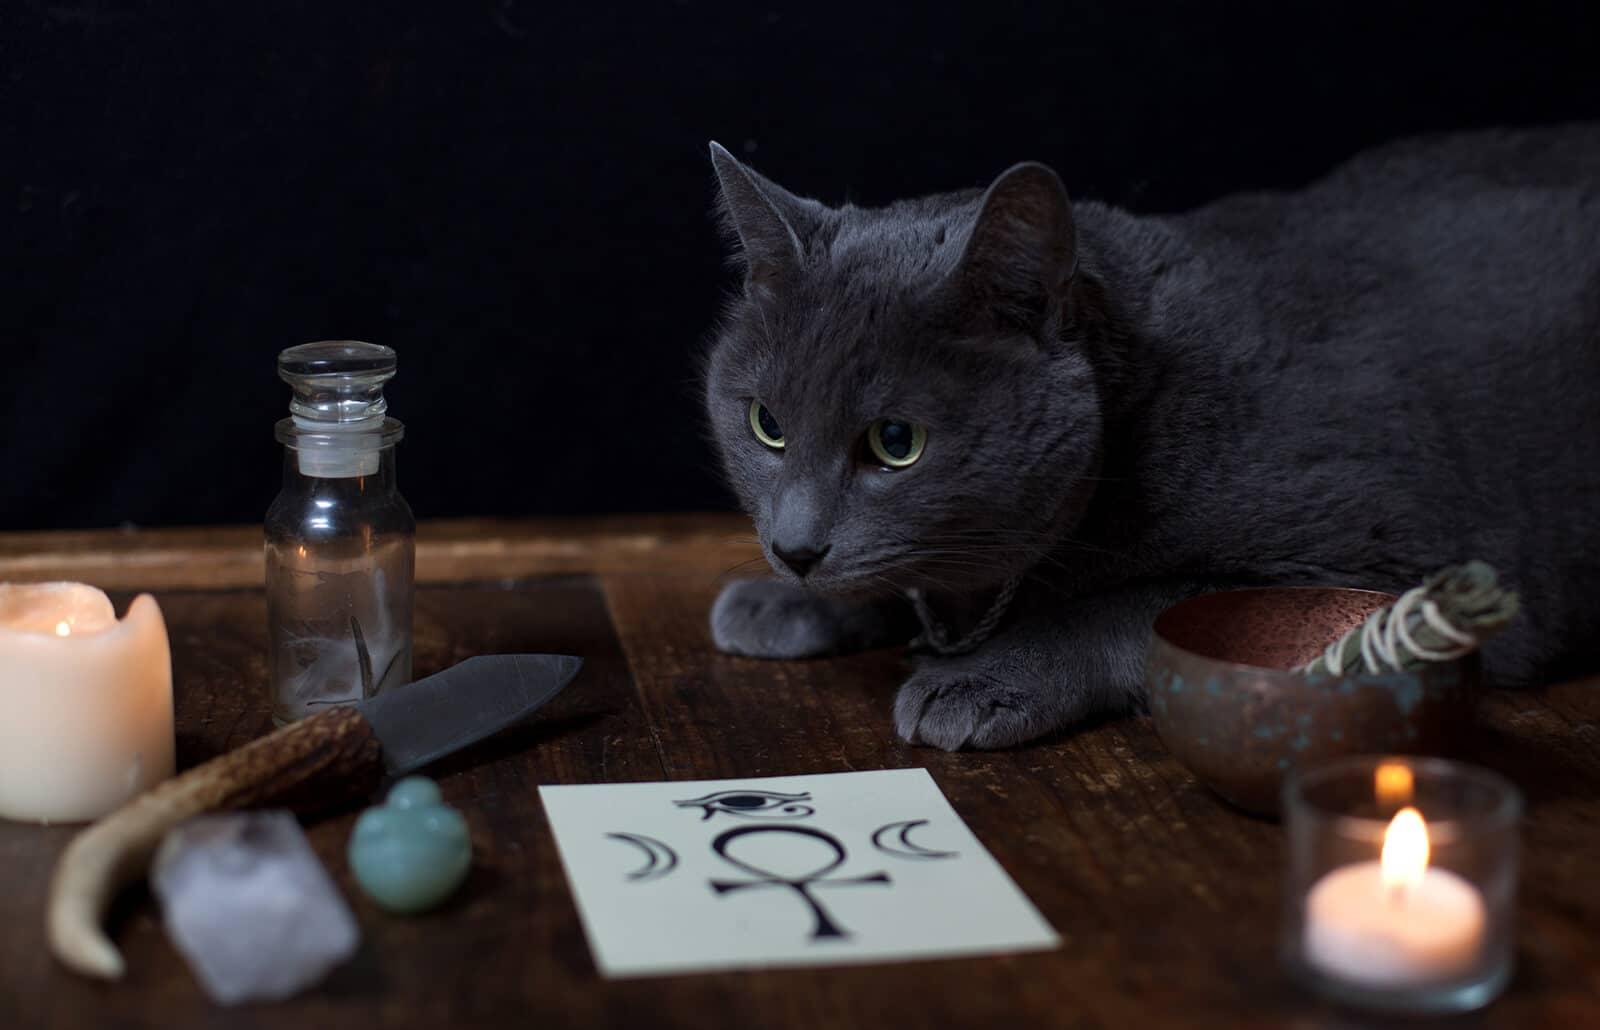 Los gatos son animales que pueden tener nombres mitológicos